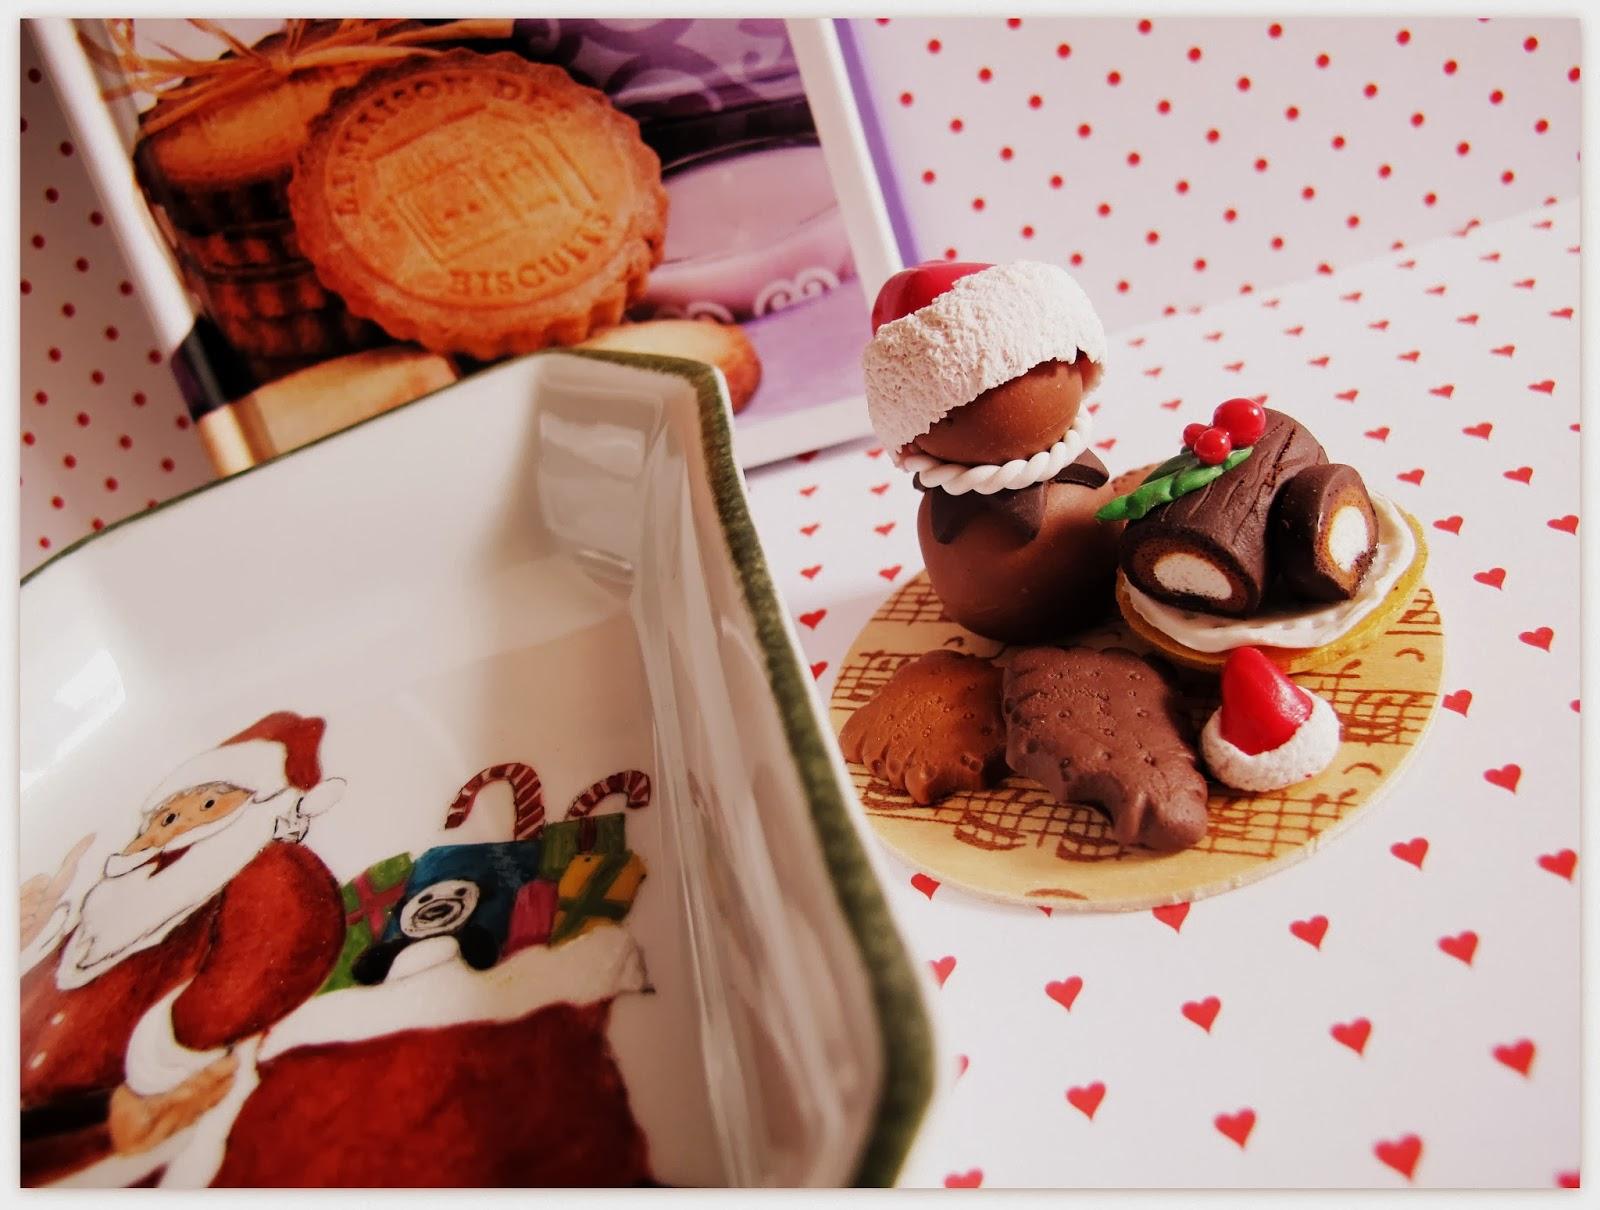 #AF351C MA PETITE PLANETE: Pâte Fimo : Décor De Table De Noël 6181 decoration de table de noel en pate fimo 1600x1210 px @ aertt.com